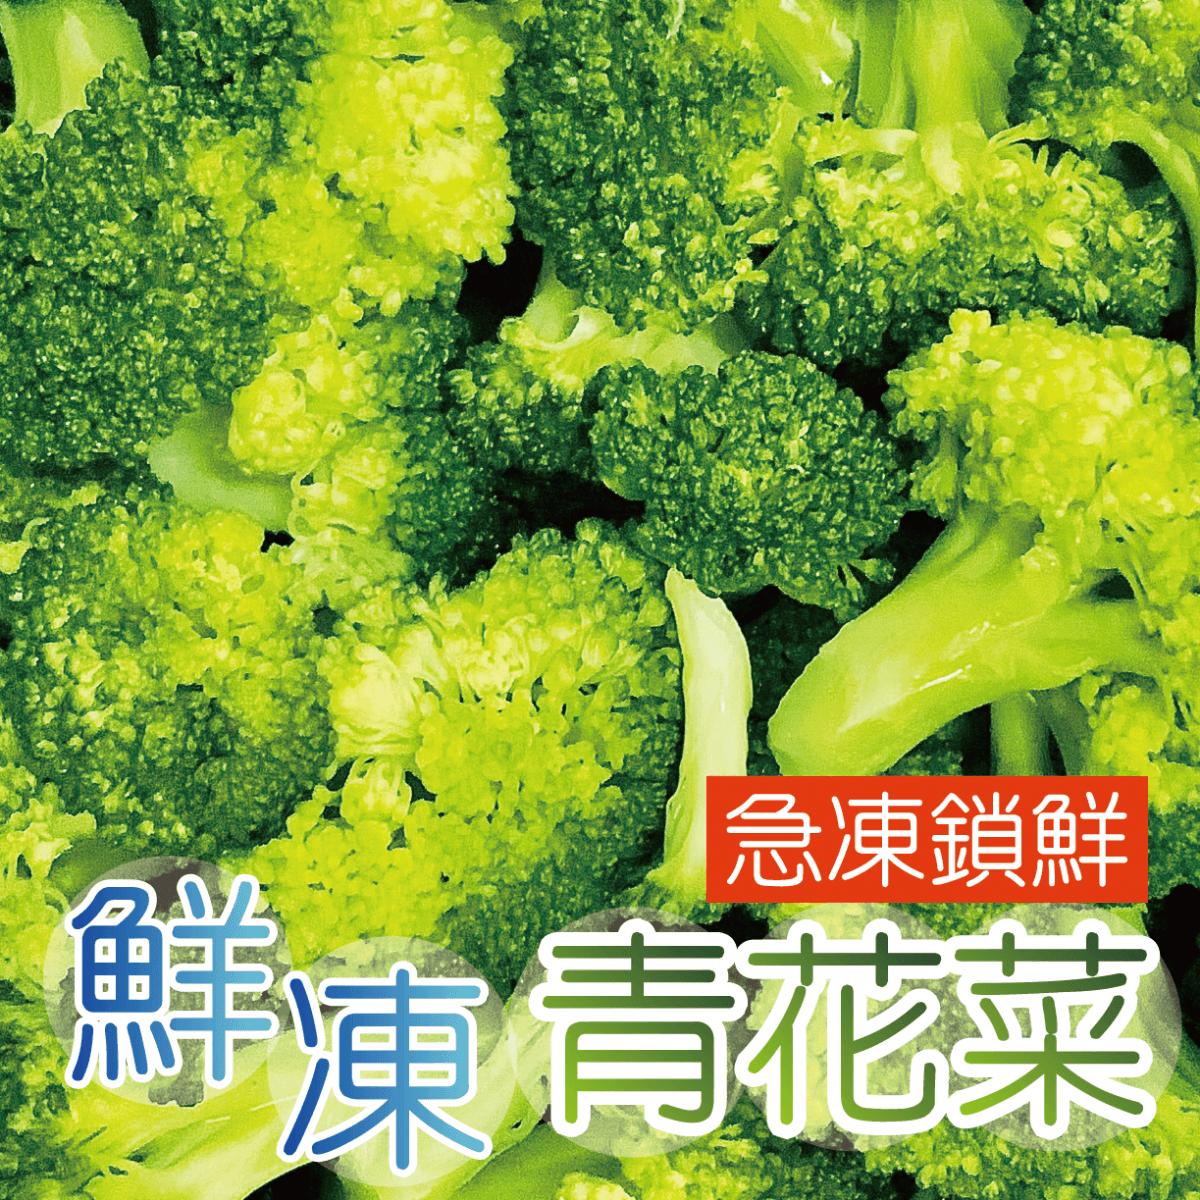 【田食原】鮮凍青花菜1KG 綠花椰菜 冷凍蔬菜 健康減醣 健身餐 養生團購美食 好吃方便 低熱量 0